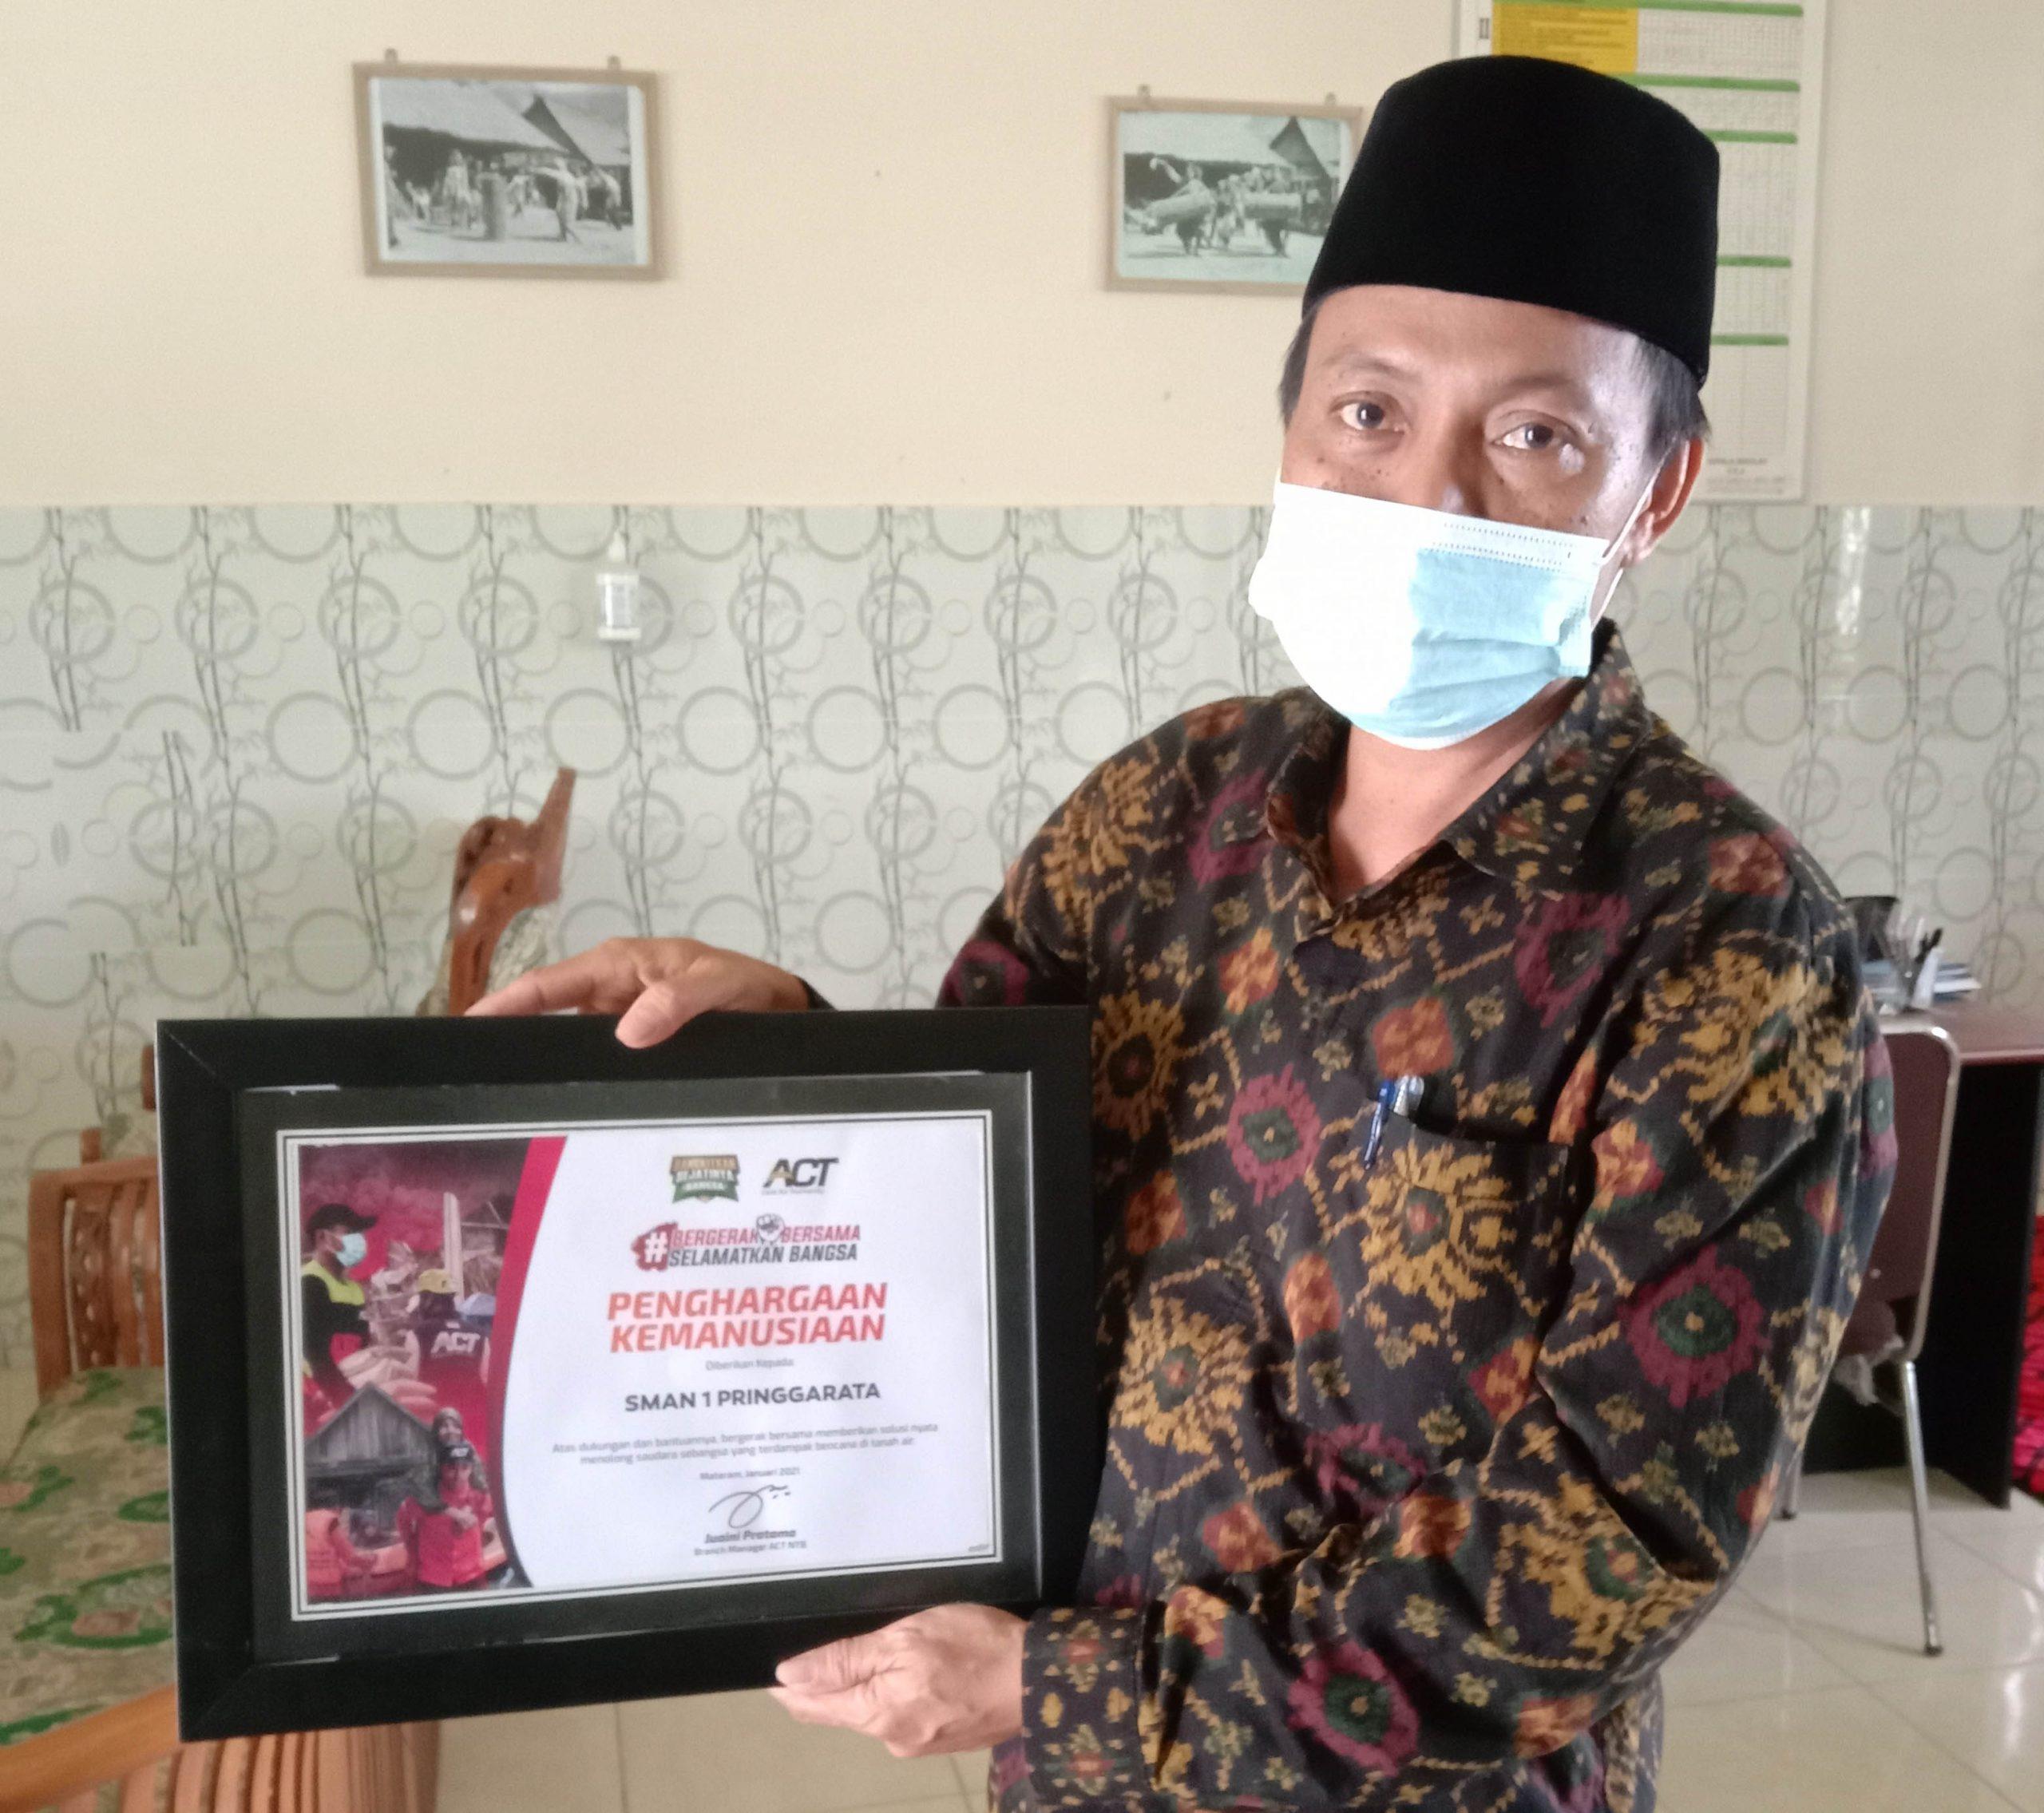 Ikut Salurkan Bantuan untuk Korban Bencana, SMAN 1 Pringgarata Raih Penghargaan Kemanusiaan.